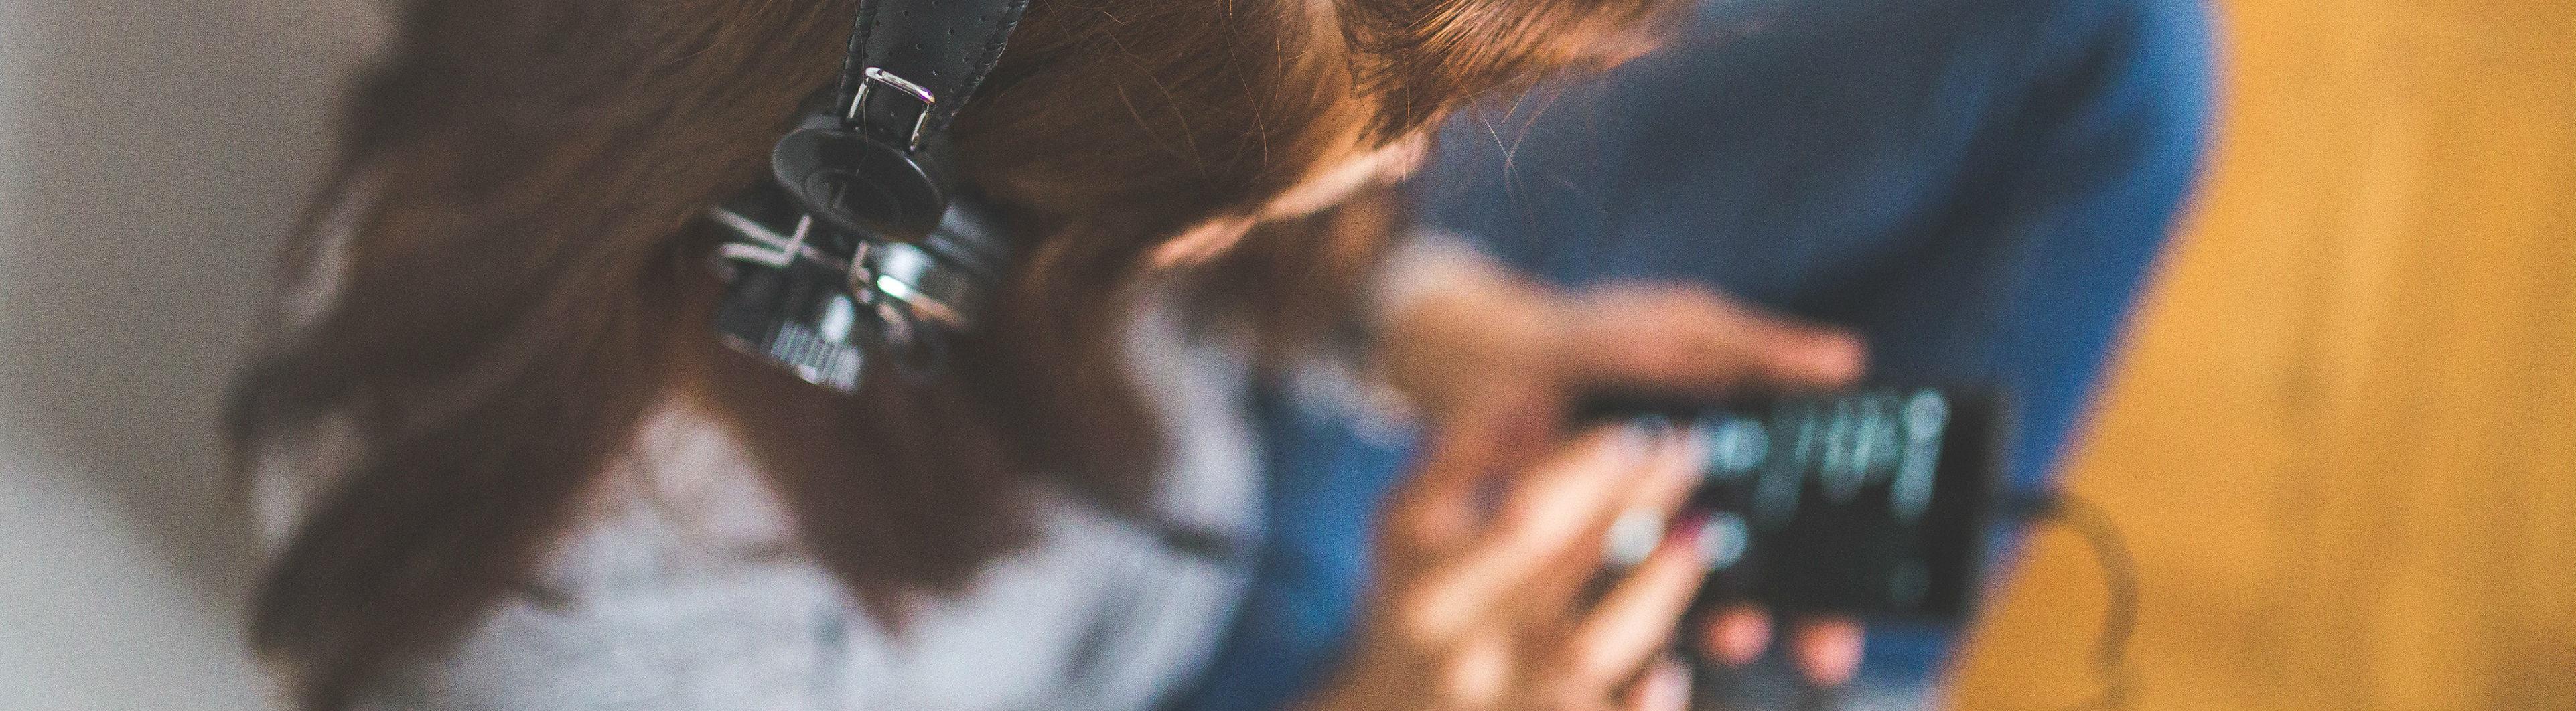 Eine Frau mit Kopfhörern hält ein Smartphone in der Hand und streamt Musik.